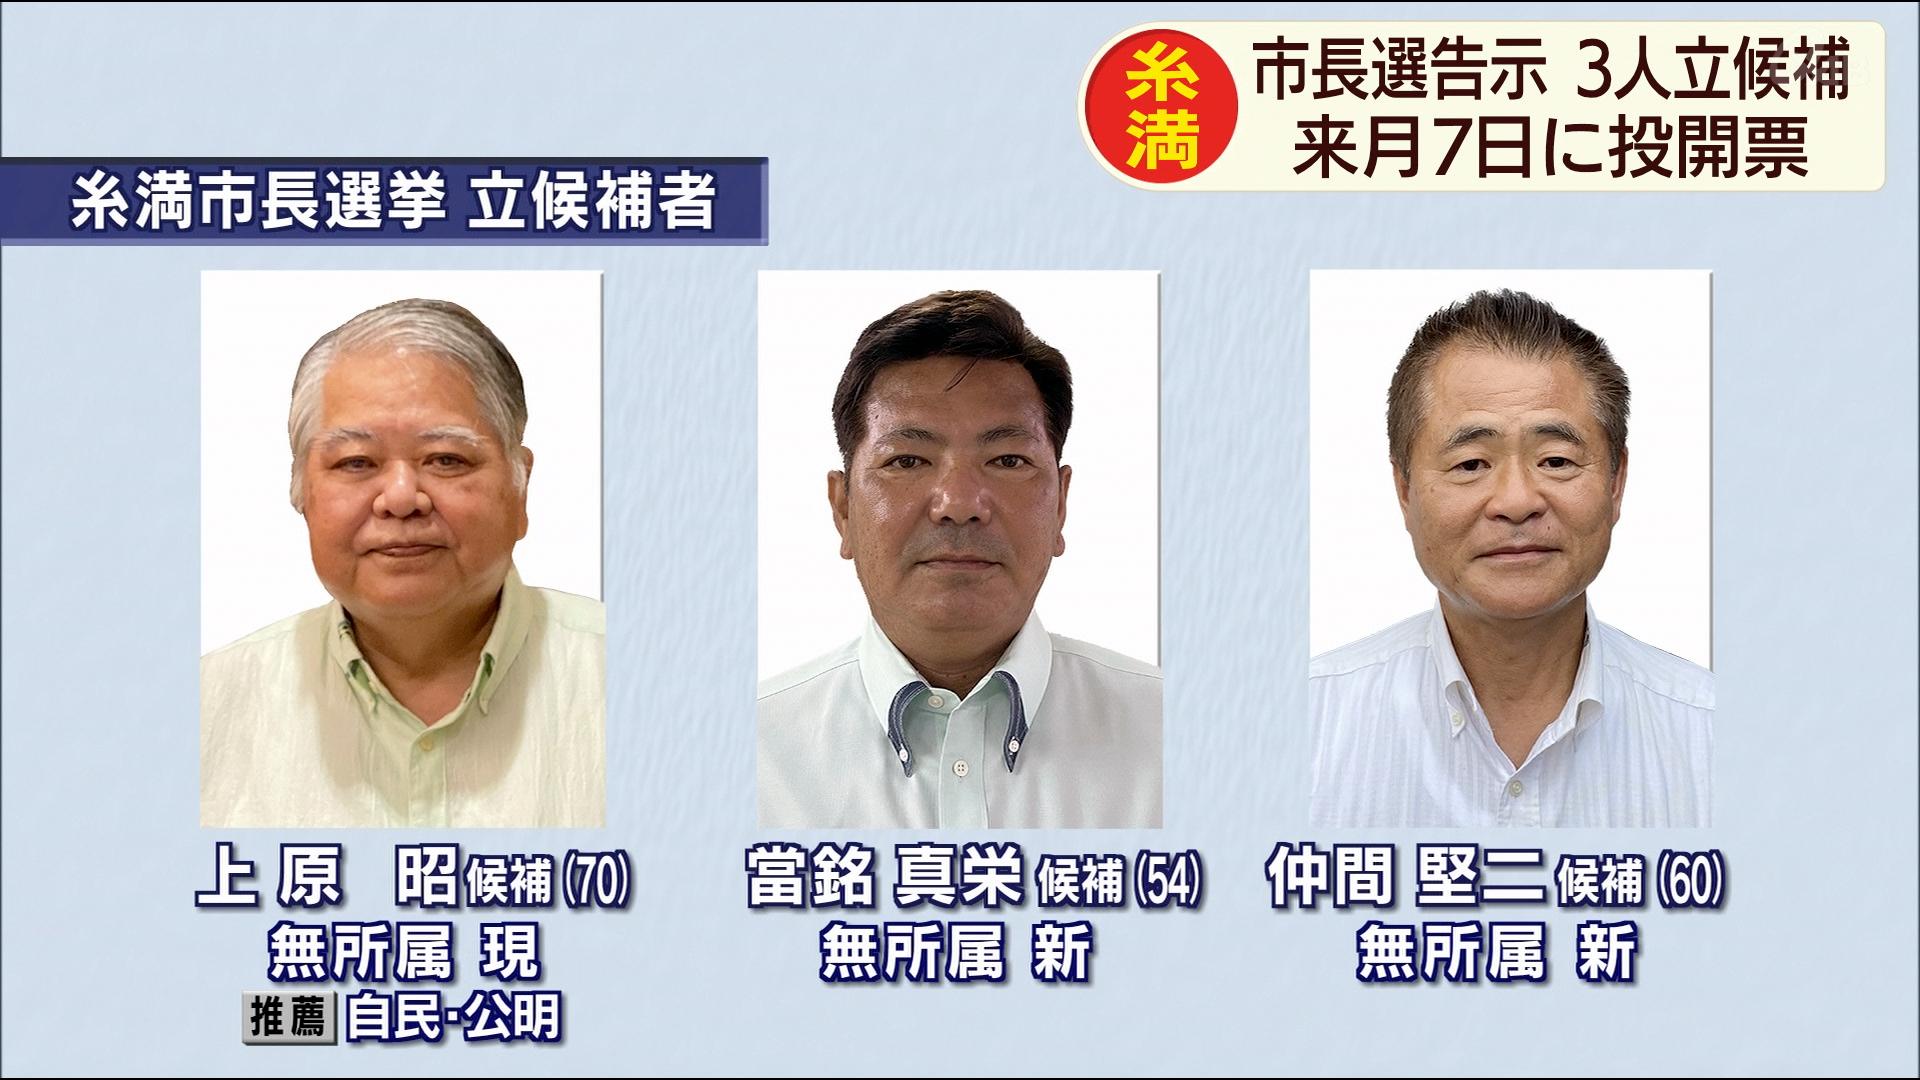 糸満市長選告示 3人が立候補